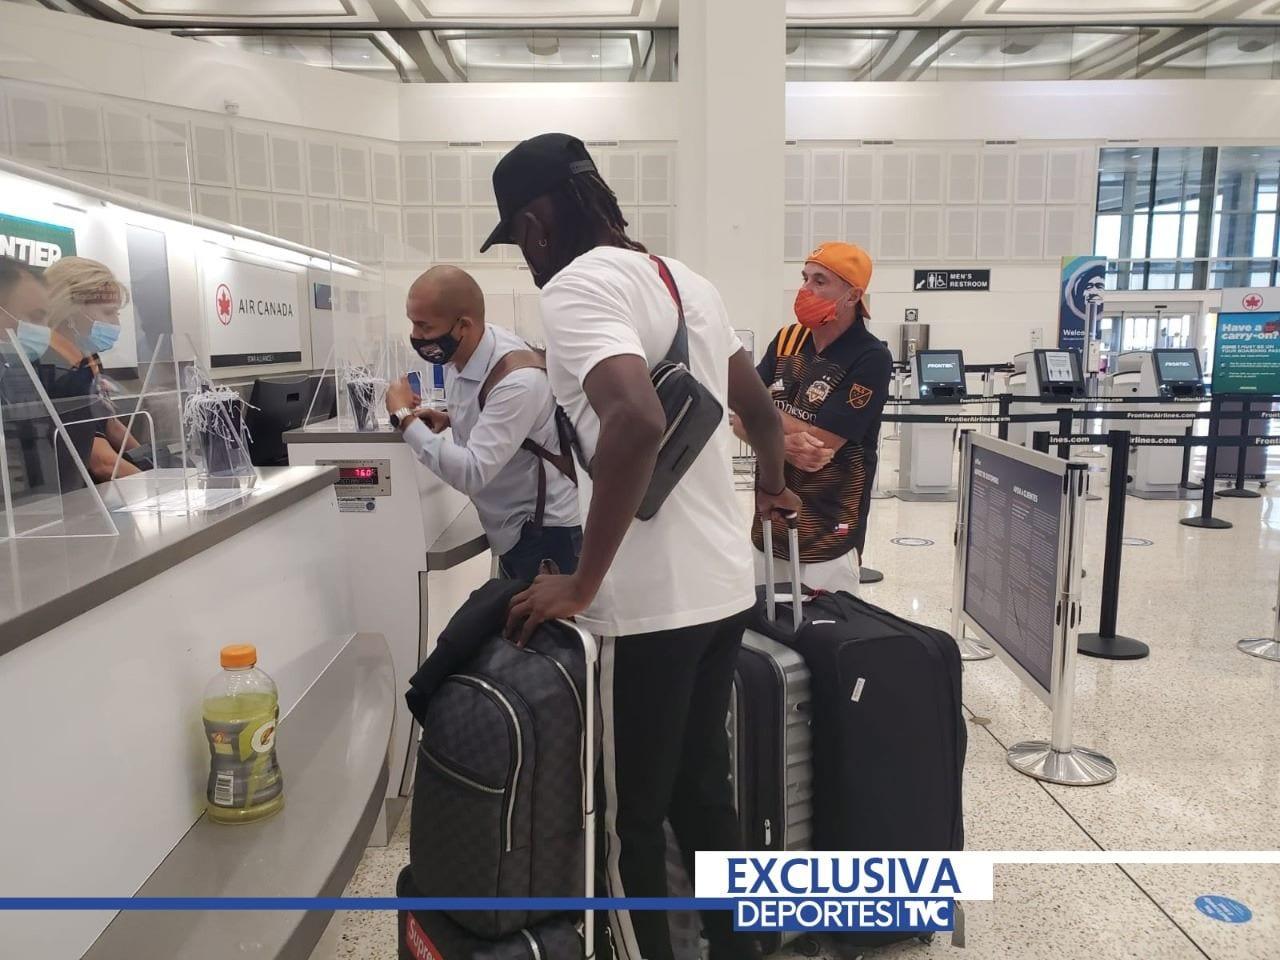 El delantero hondureño viajó a Europa para cumplir su sueño de jugar en el viejo continente. Deportes TVC tuvo acceso exclusivo a las horas previo a su viaje